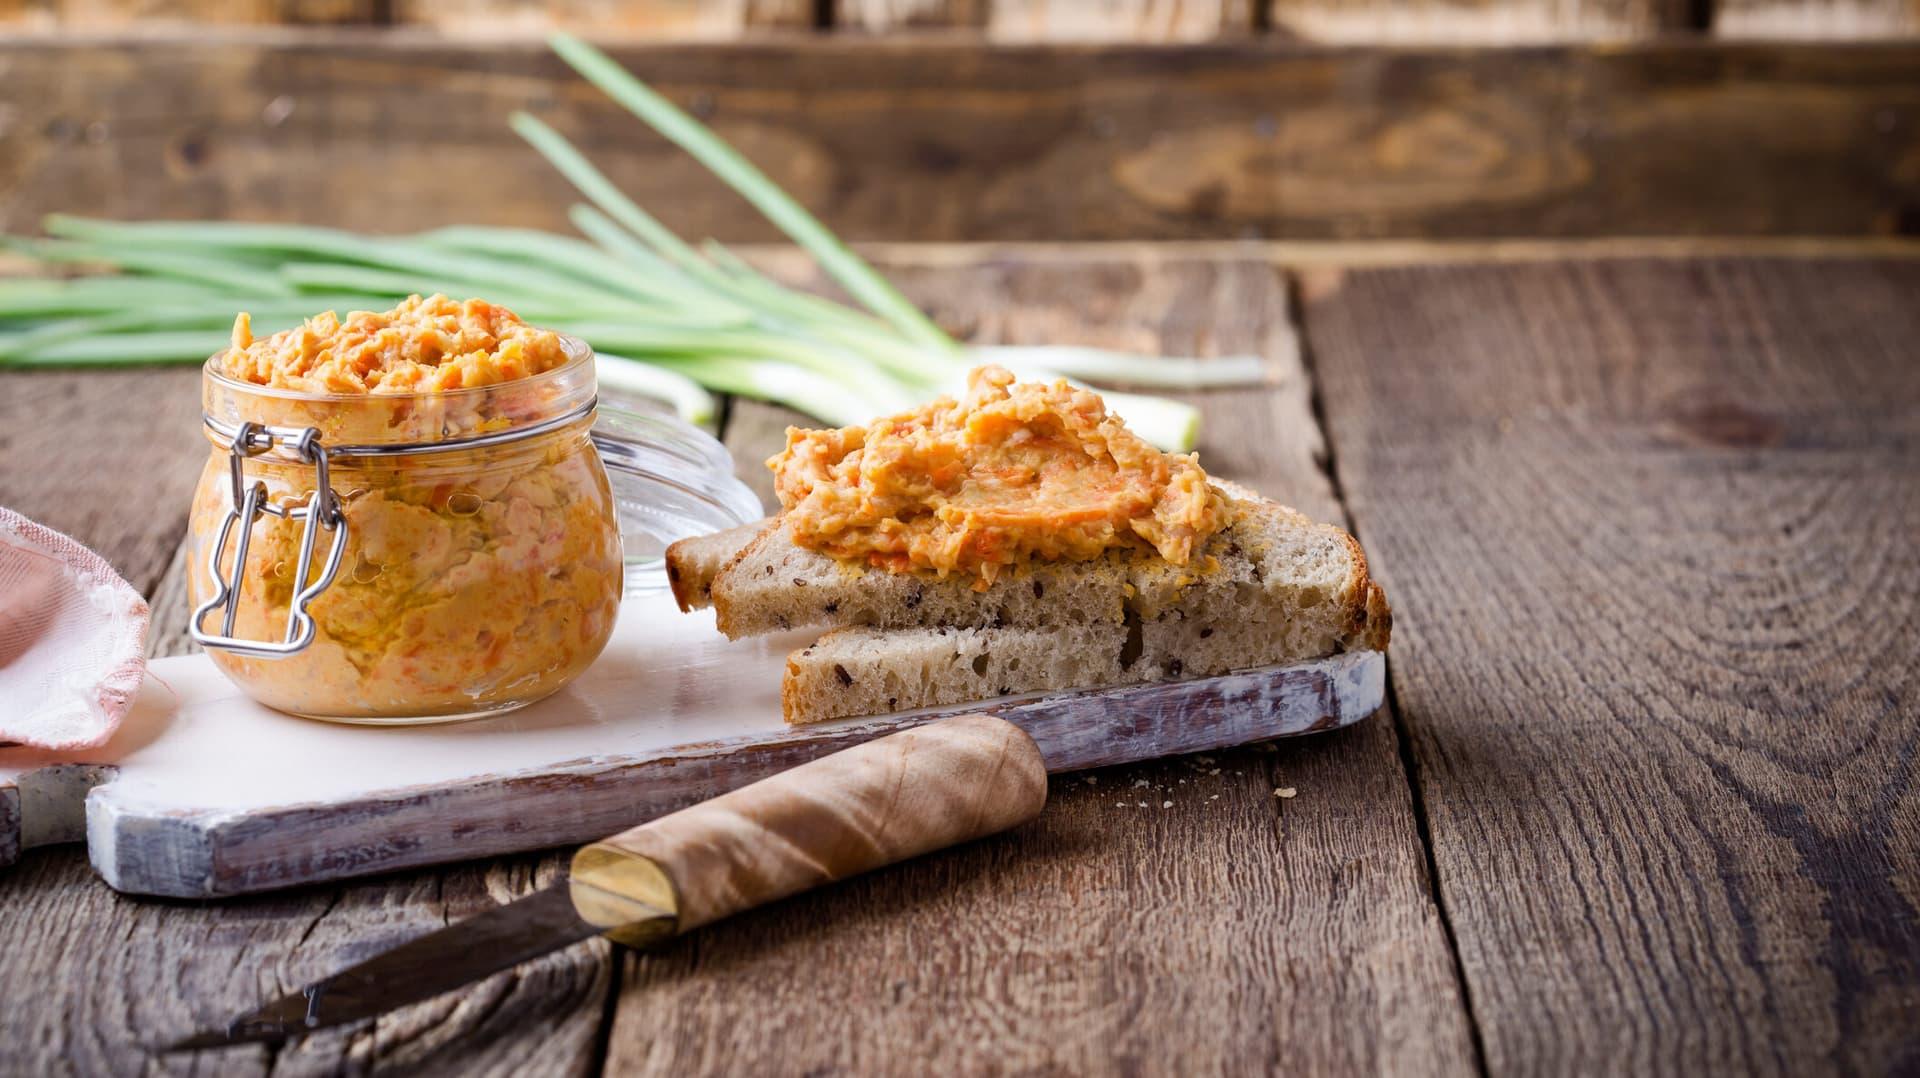 Vegetarische Bohnenpaste im Glas und auf Brot